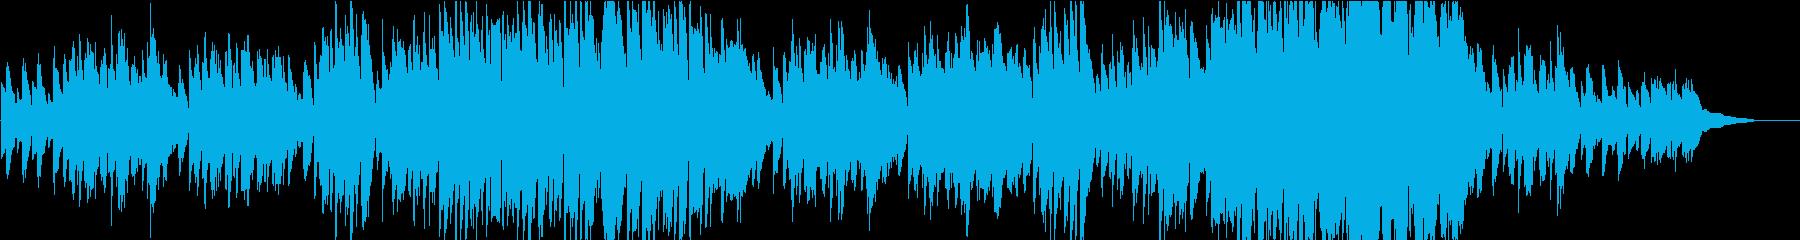 ピアノを使用したメランコリックなワルツの再生済みの波形